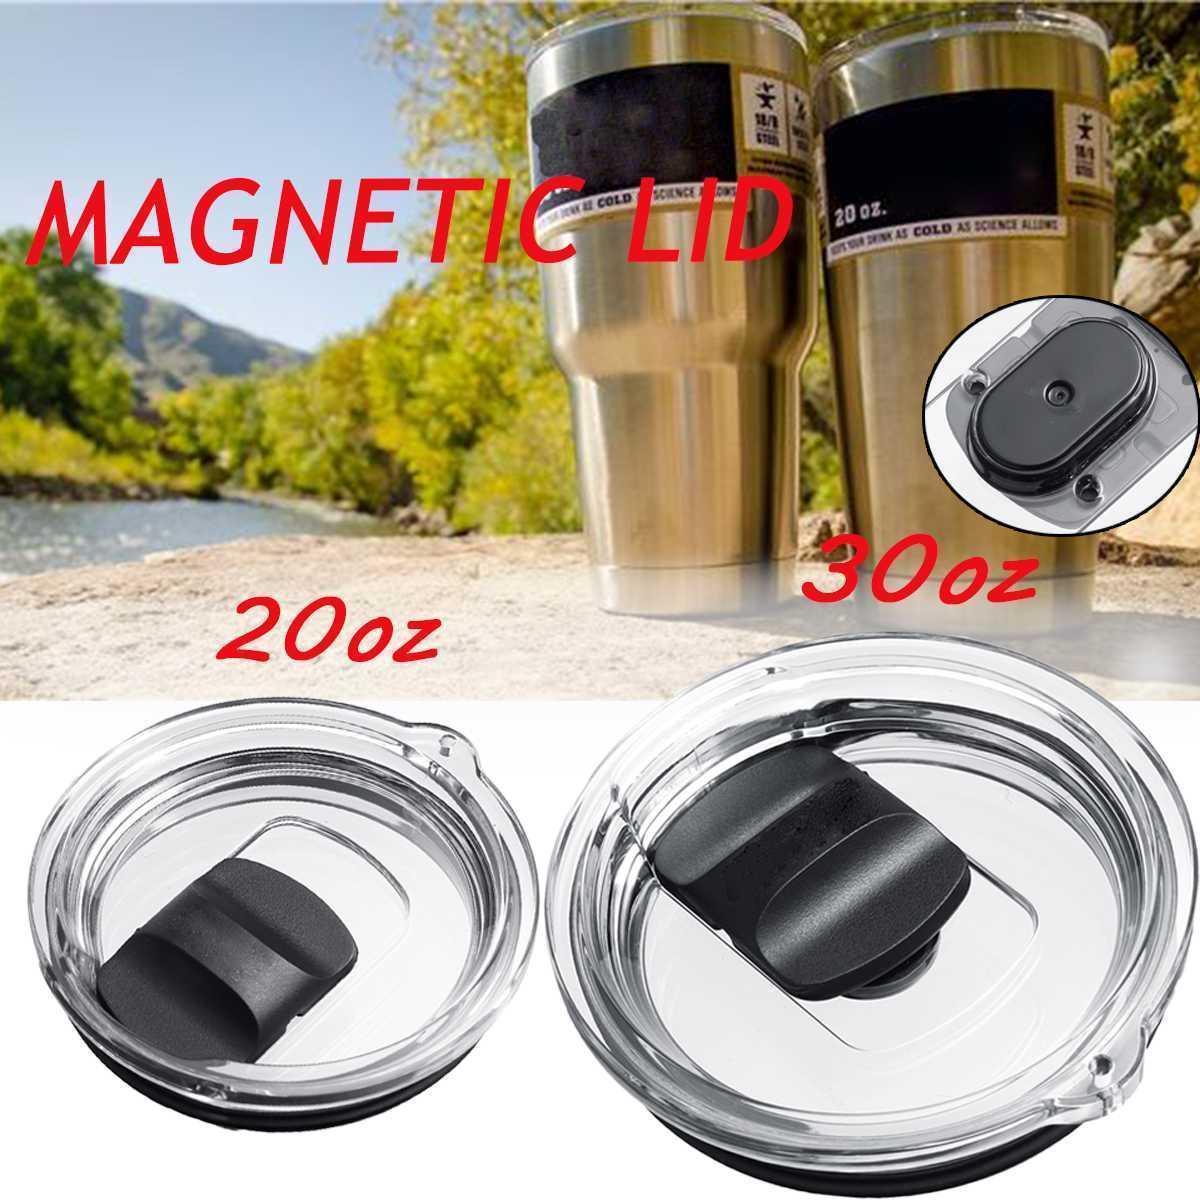 Für 20 Unzen 30 Unzen-Becher-Schalen-Kappe Tumbler MagSlider Lid Splash Spillsproof Locking Magnetic Slider pillsproof